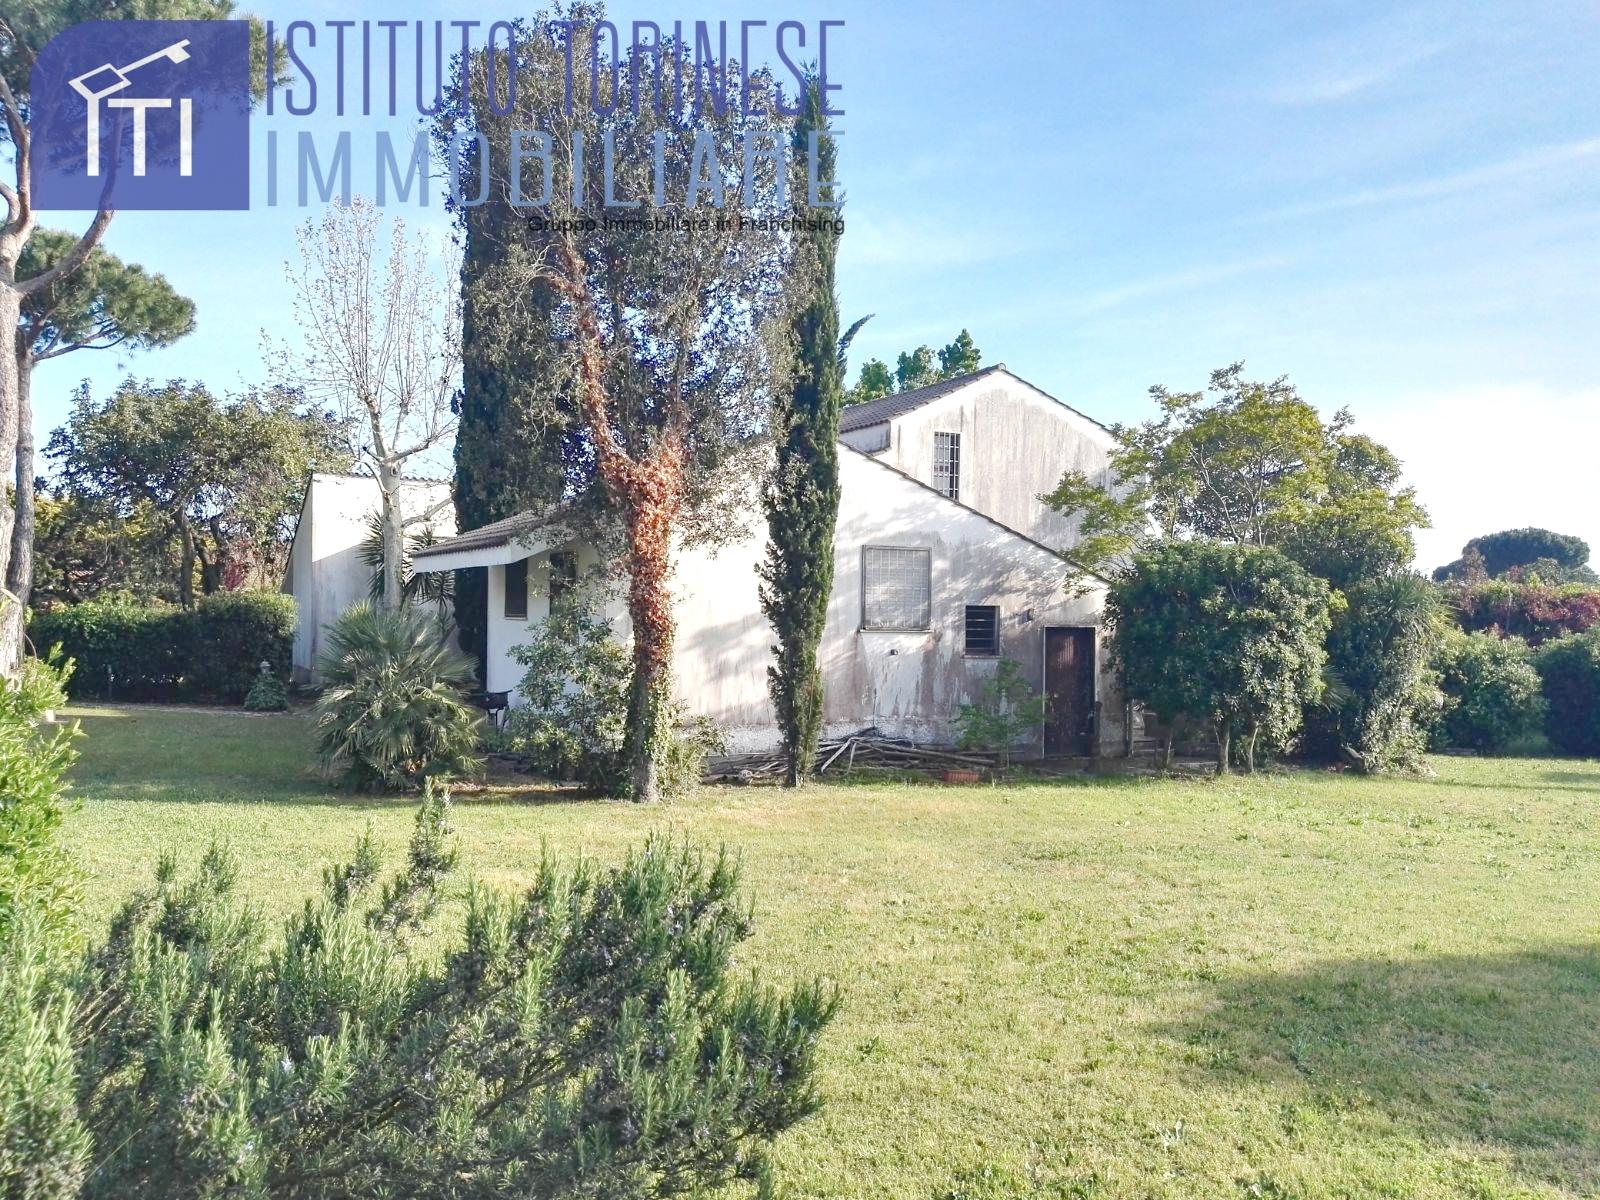 ardea vendita quart: nuova california istituto torinese immobiliare